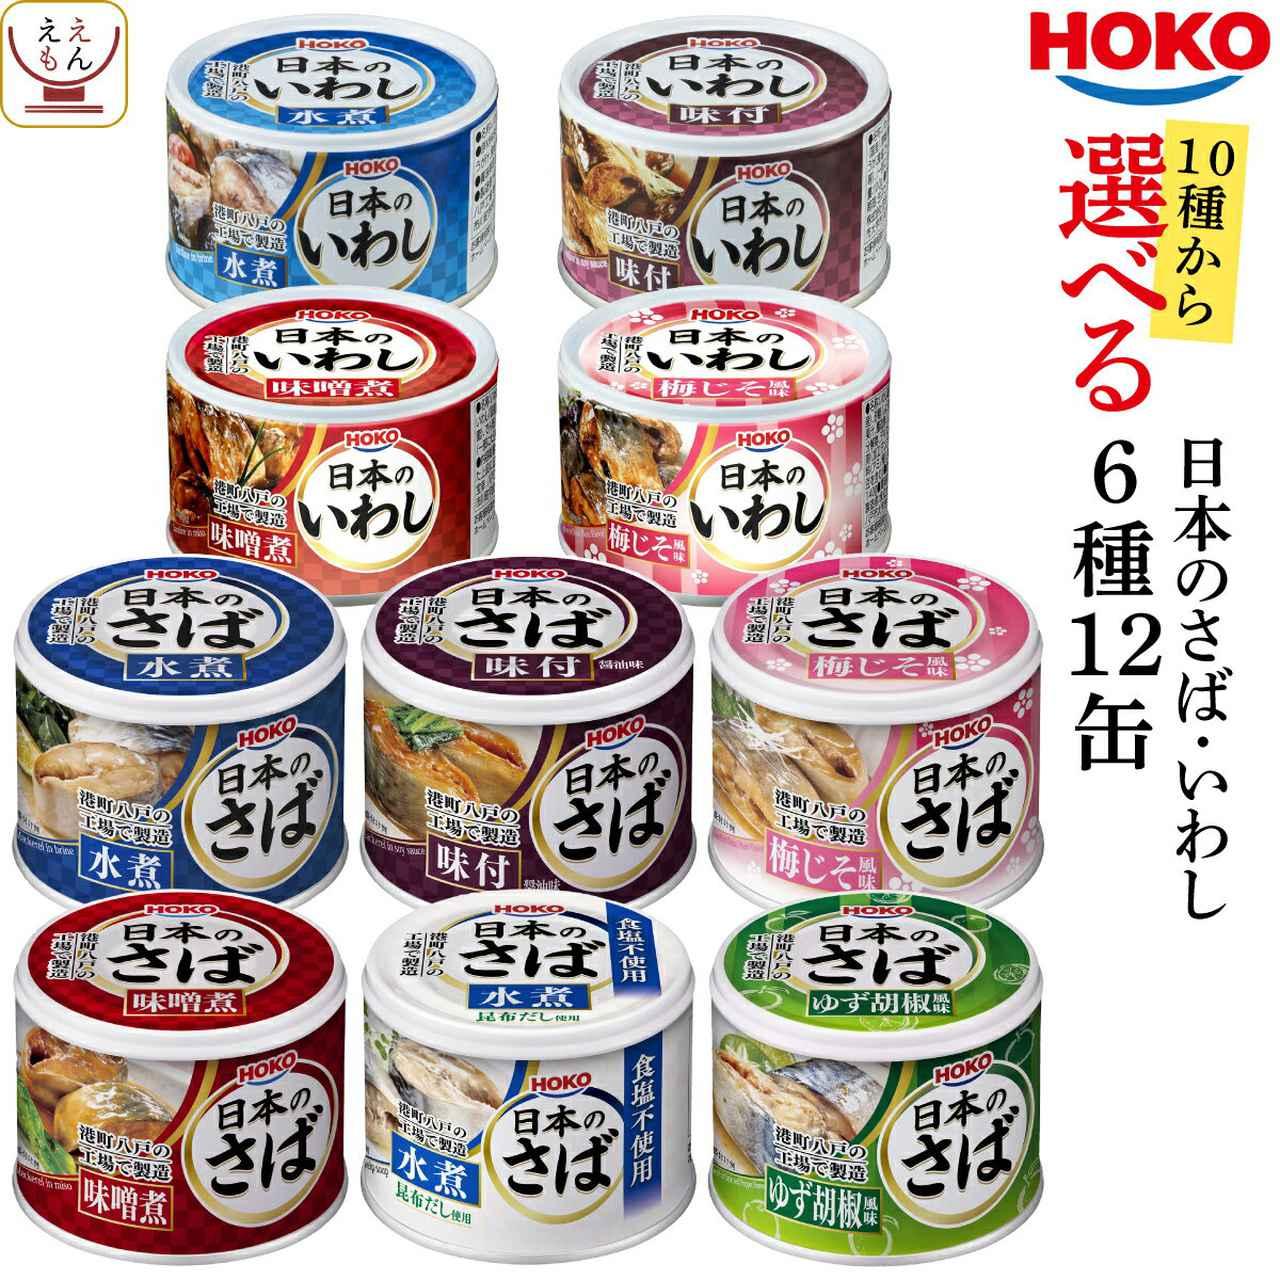 画像1: 【業務スーパーの缶詰11選】キャンプにもってこいなおすすめ商品を厳選して紹介!